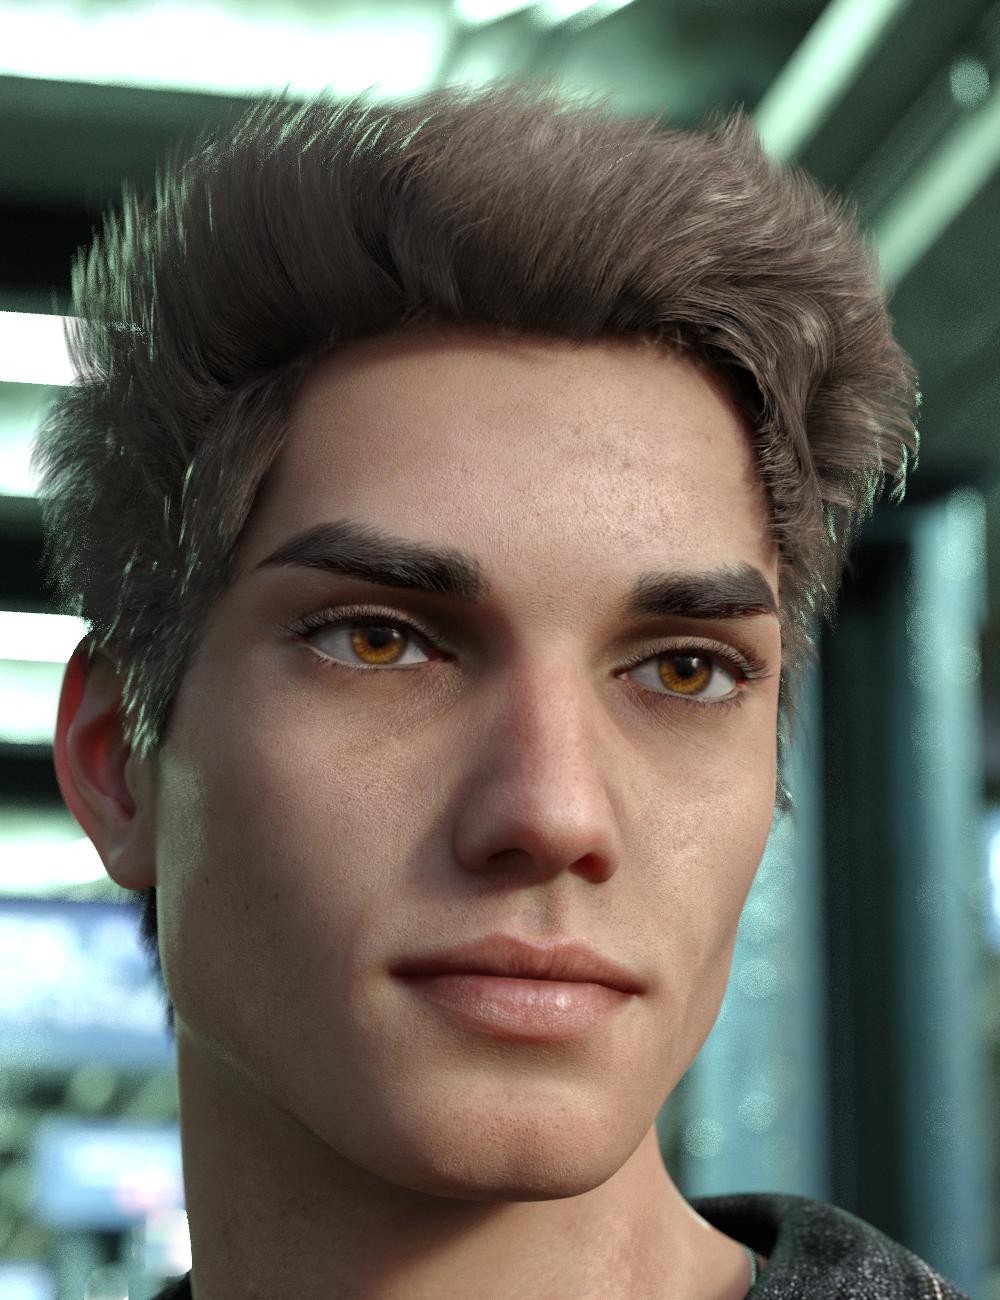 Lukas for Genesis 8.1 Male by: Vyusur, 3D Models by Daz 3D